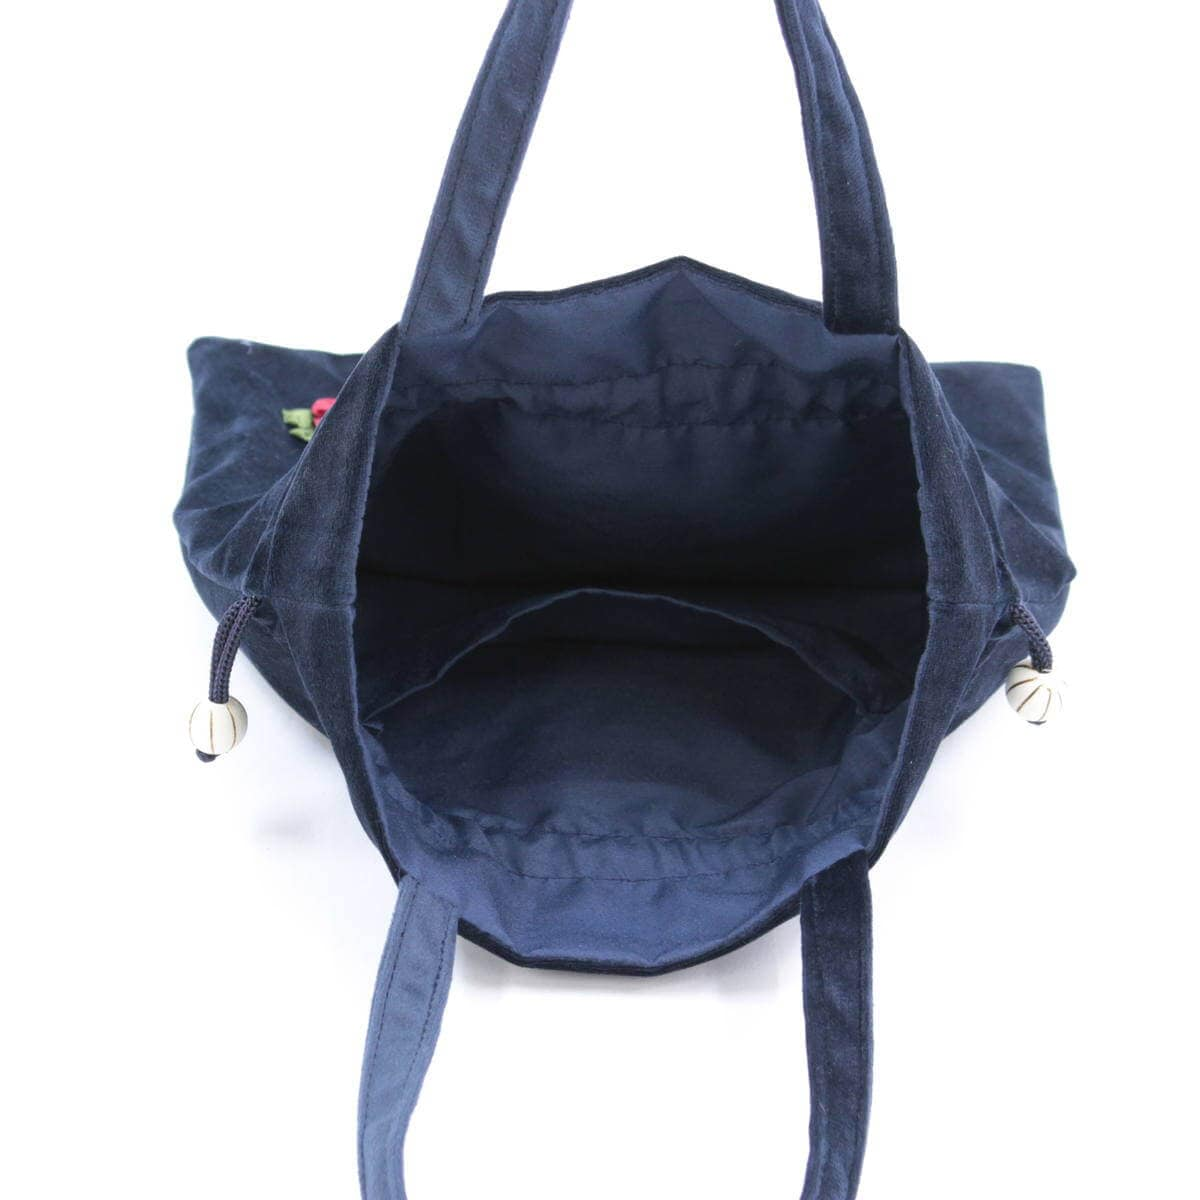 リボン刺しゅう シーナ シリーズ 巾着バッグの内側には平面ポケットがあります。